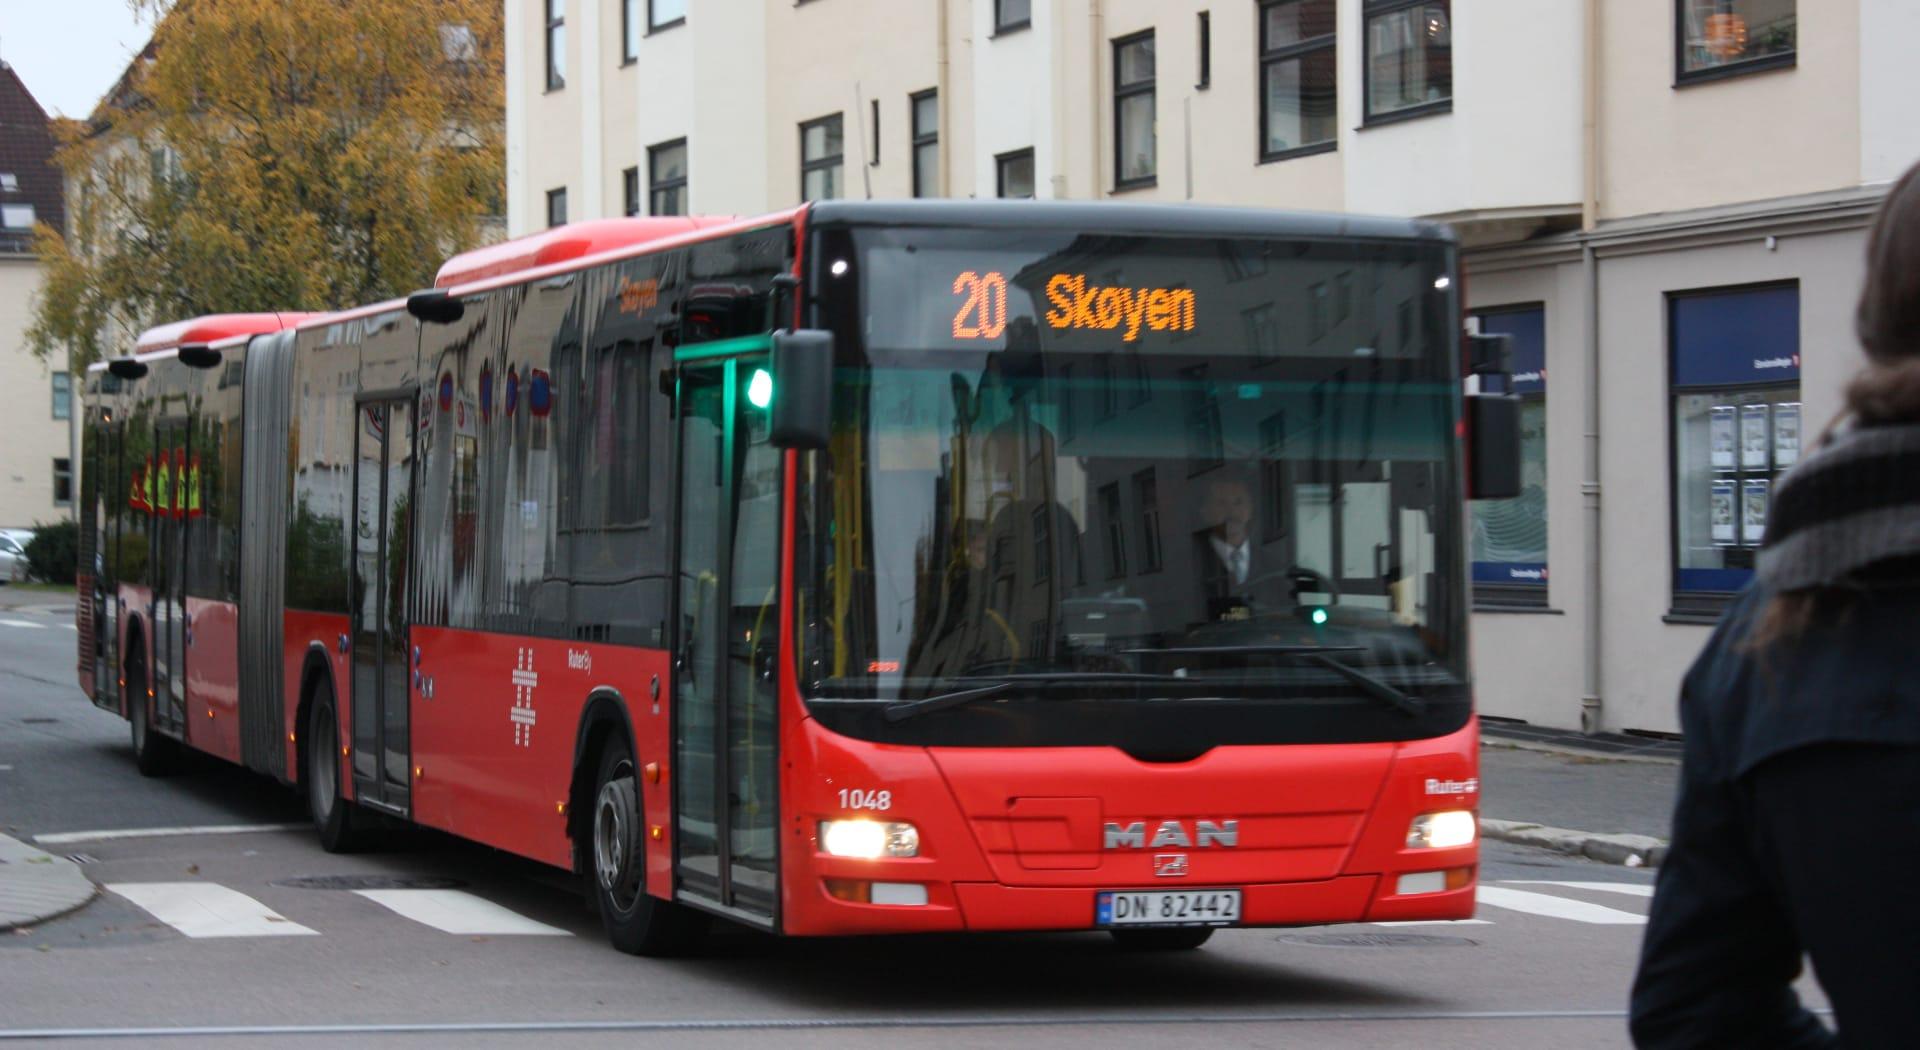 En bussulykke kan gi store erstatningskrav.